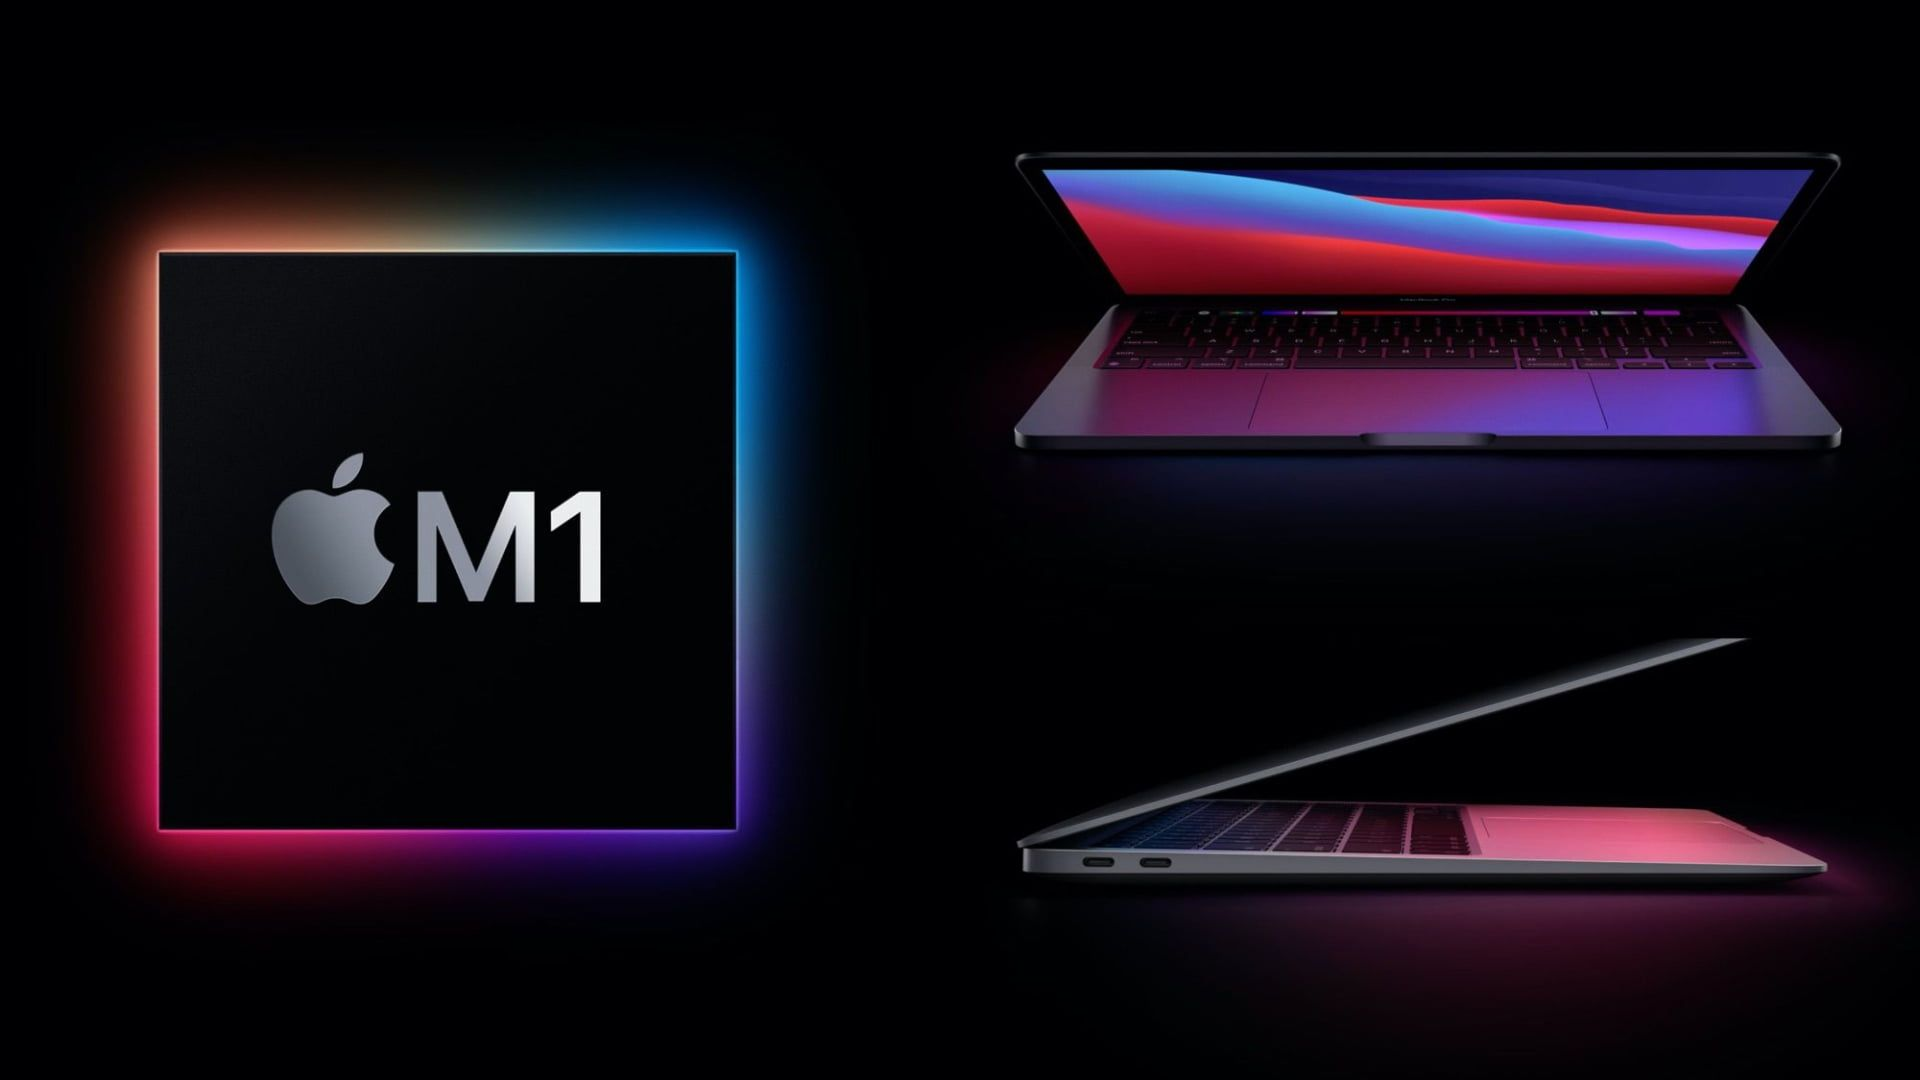 Raport Ming-Chi Kuo o następnych modelach MacBooków